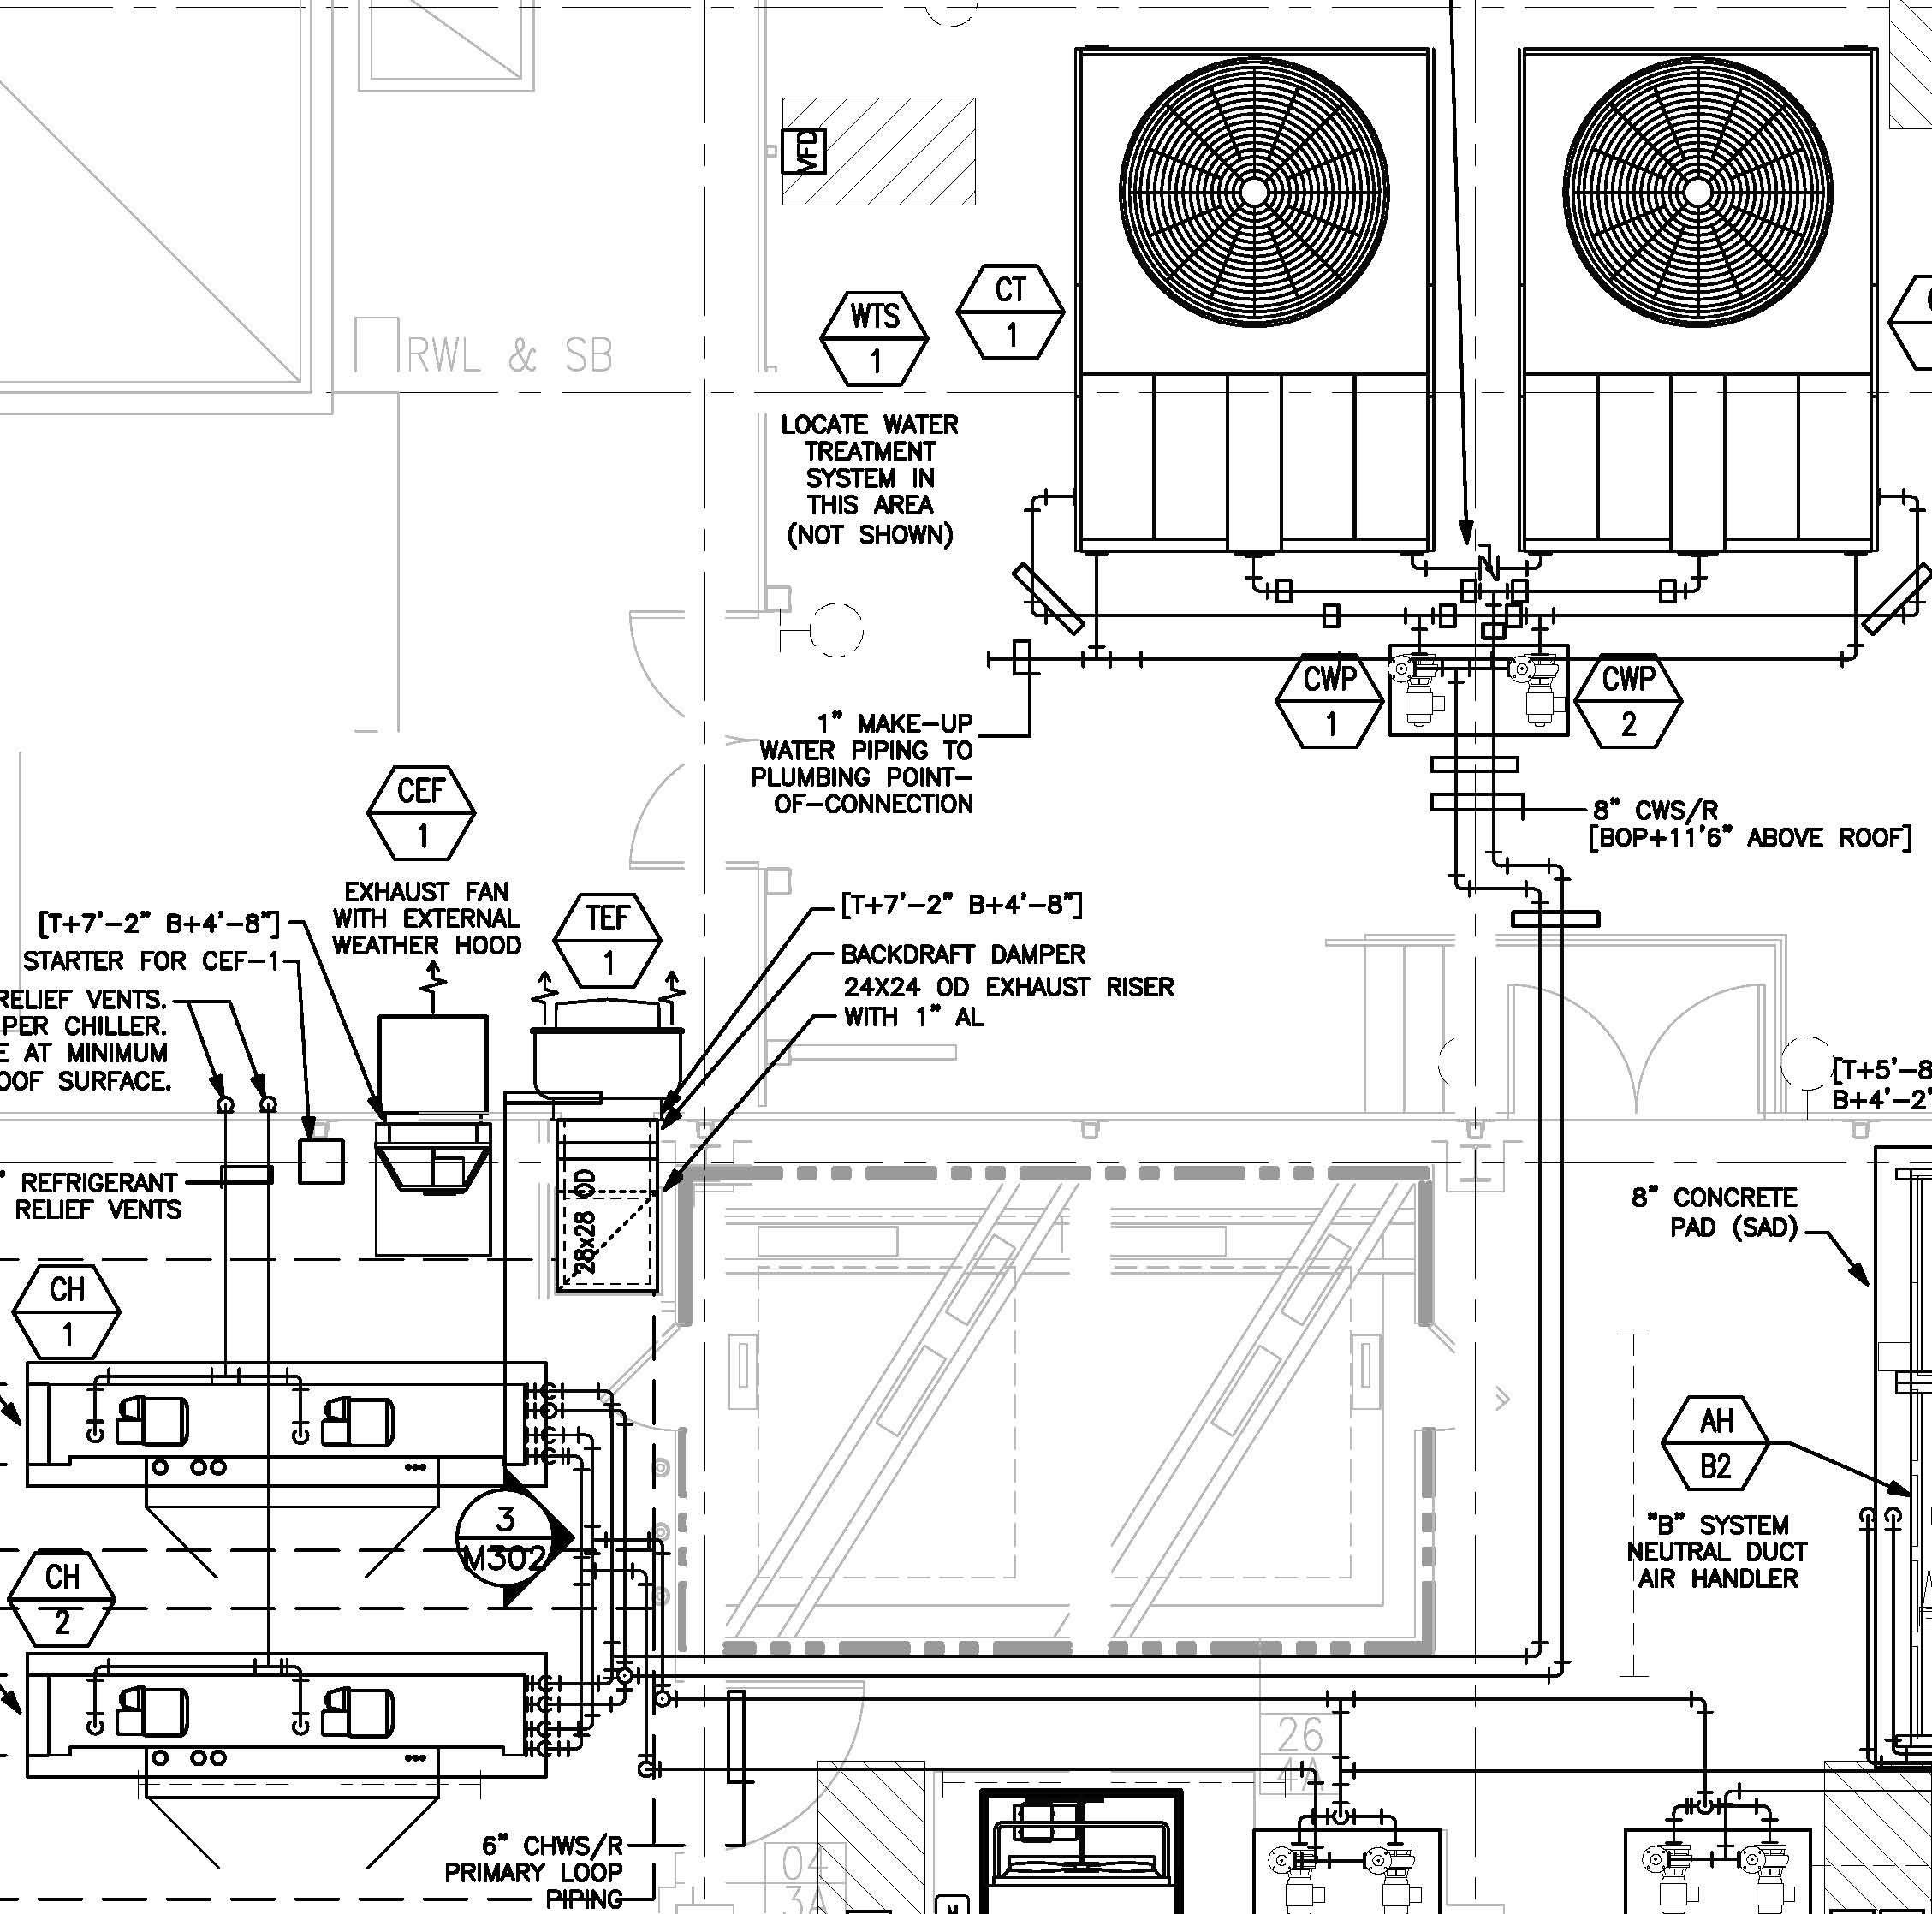 Pid Temperature Controller Wiring Diagram from mainetreasurechest.com